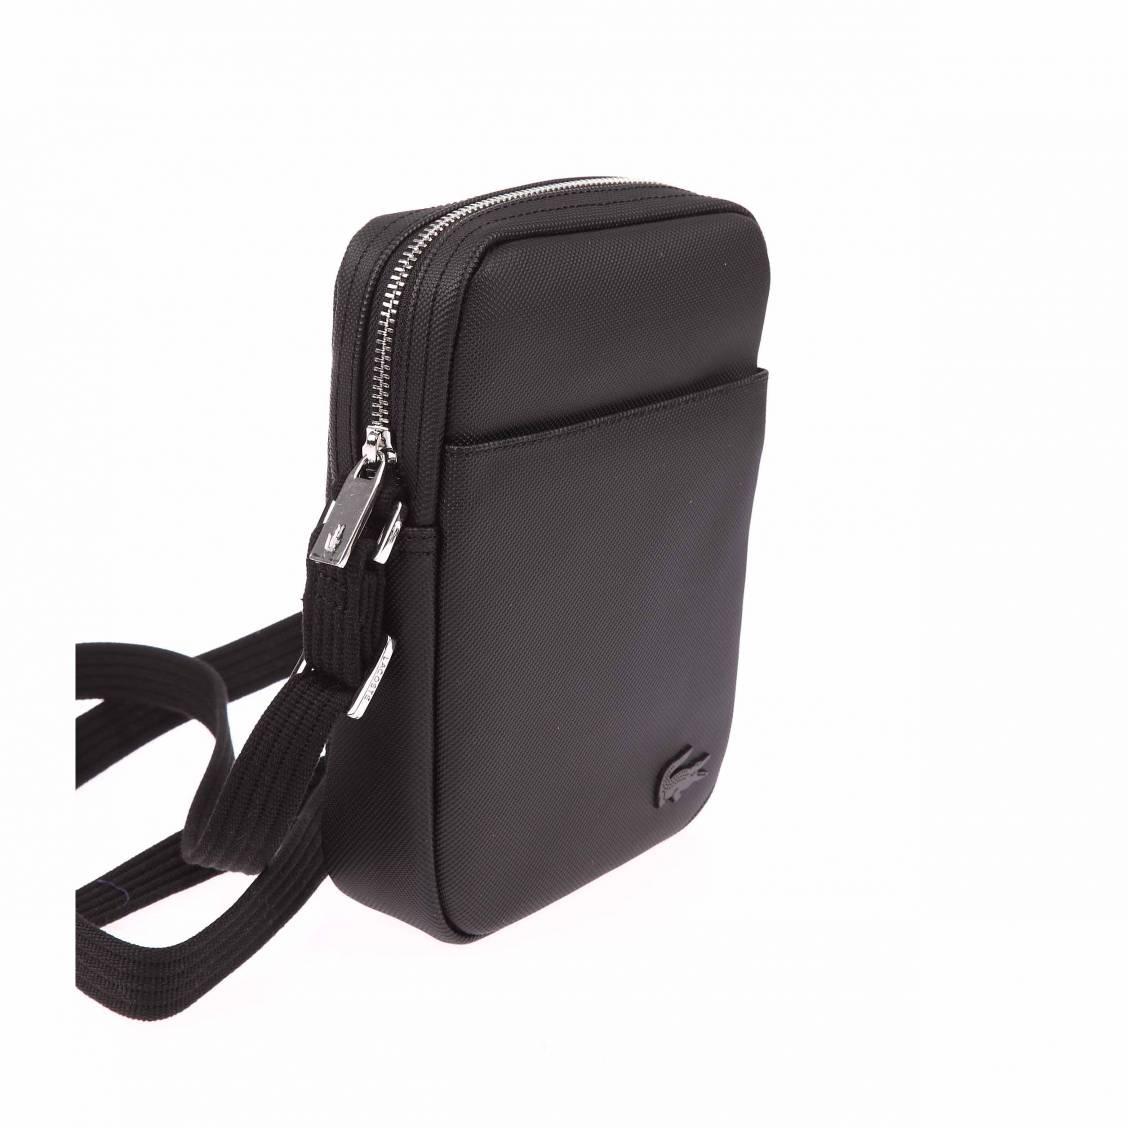 Sacoche Lacoste en PVC piqué noir avec logo NUzs1t99